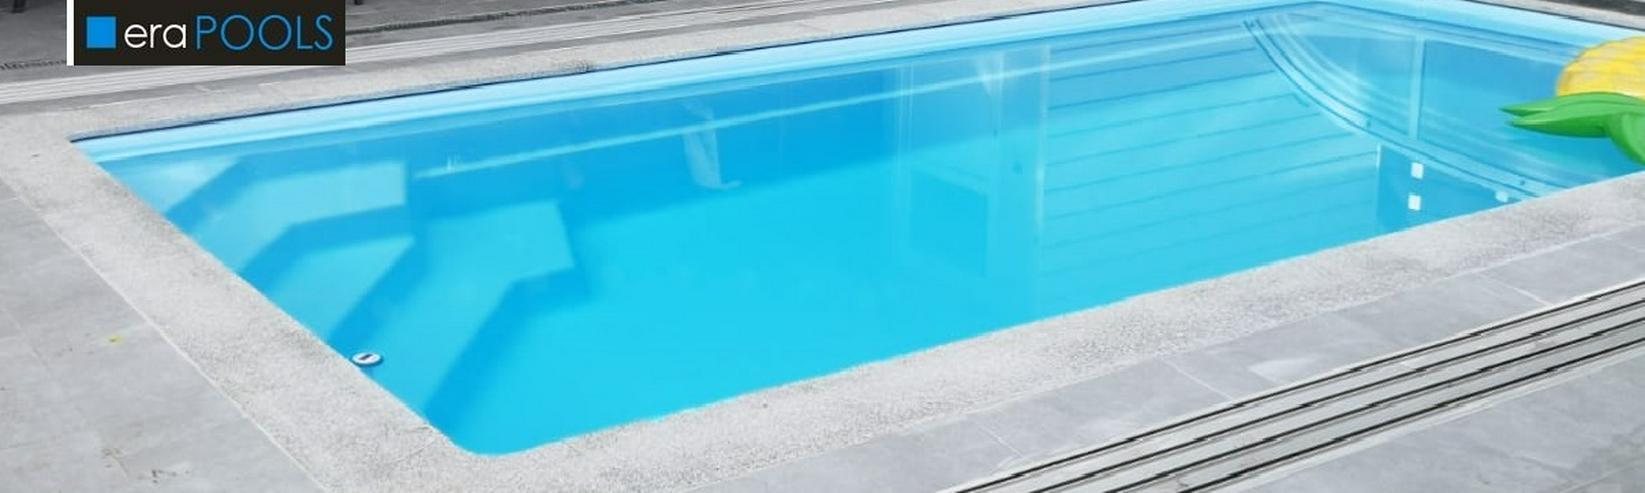 Full Size of Gebrauchte Gfk Pools Kaufen Kleinanzeigen Auf Dem Flohmarkt Kleinanzeigende Küche Verkaufen Regale Einbauküche Betten Fenster Wohnzimmer Gebrauchte Gfk Pools